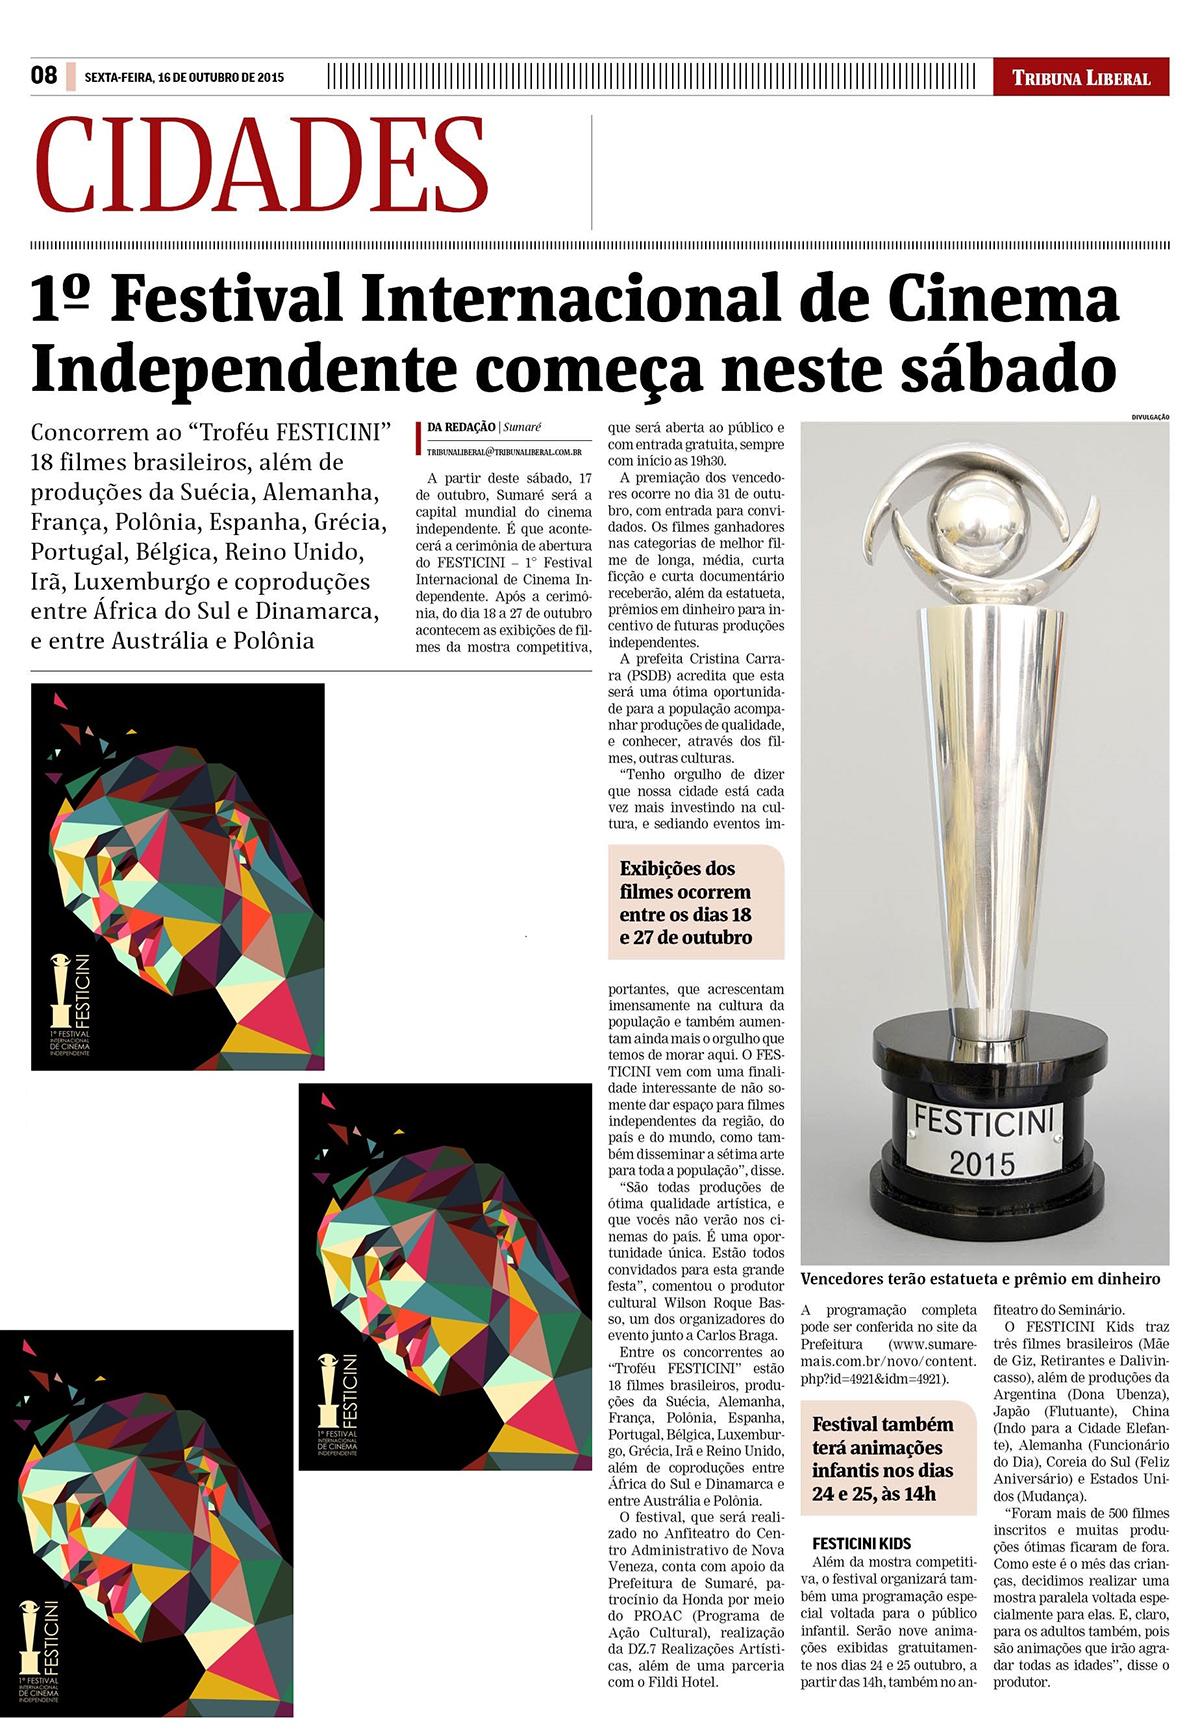 1º Festival Internacional de Cinema Independente começa neste sábado